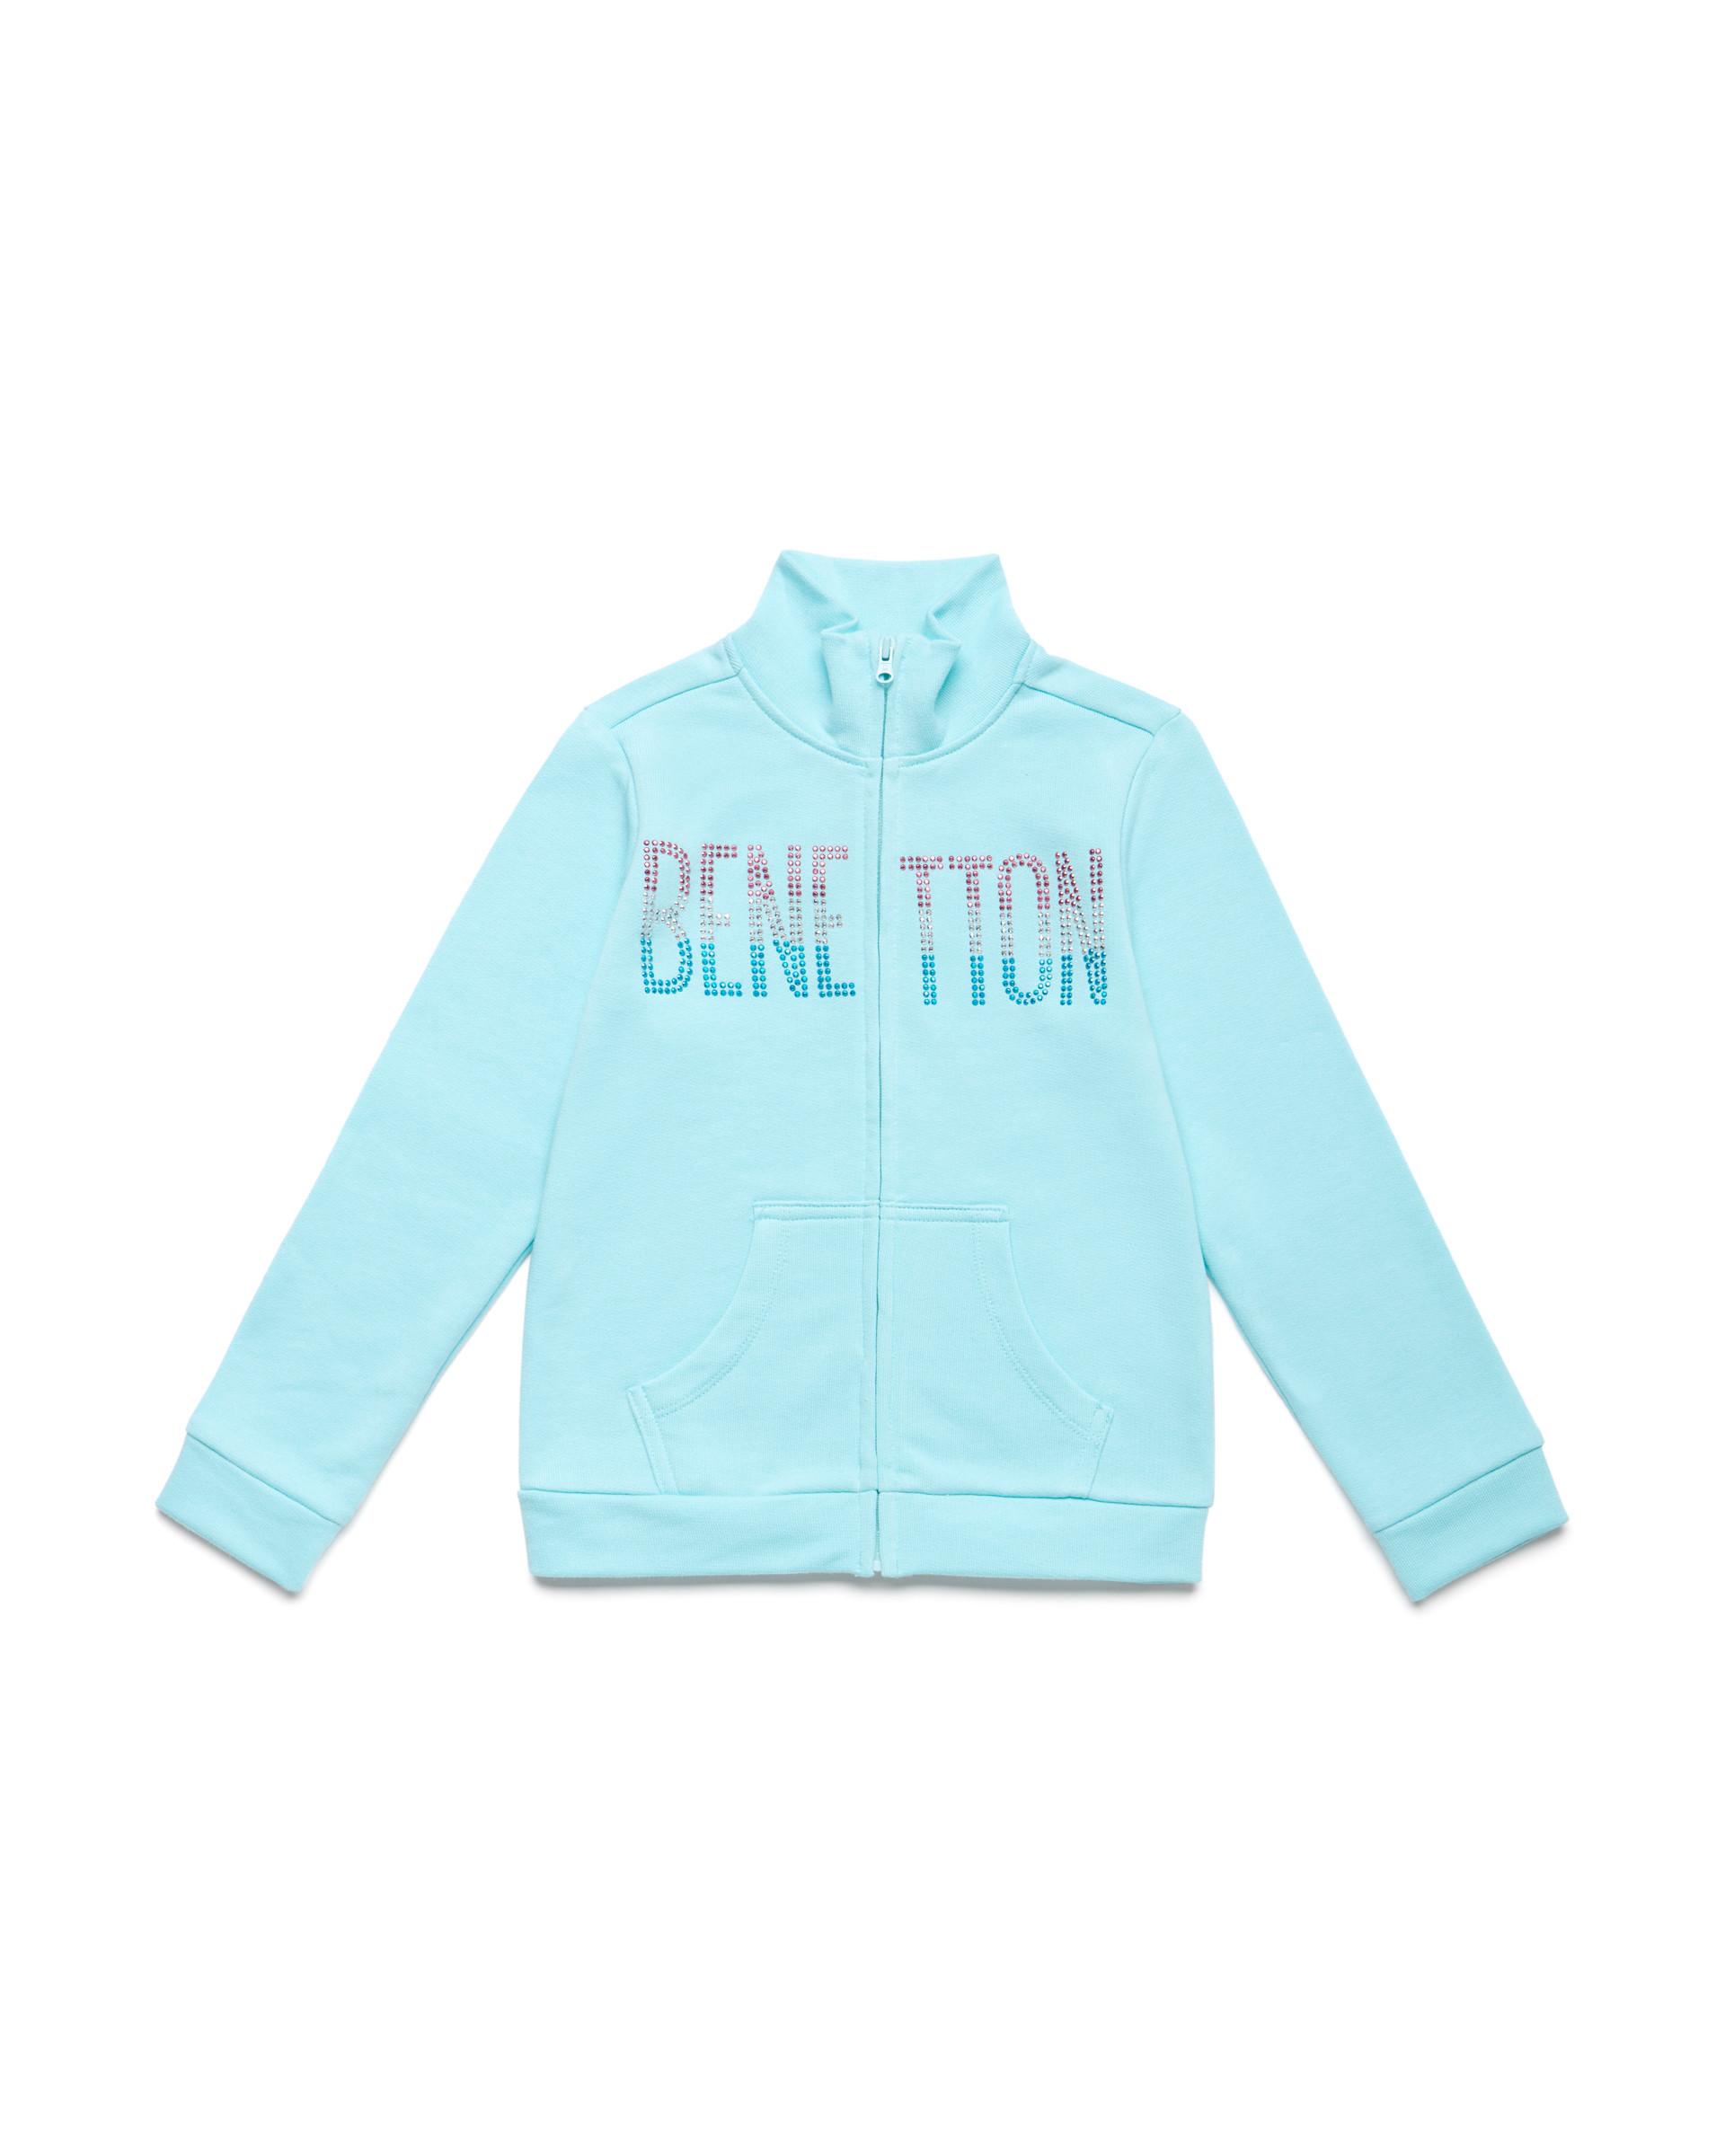 Купить 20P_3J68C5793_0Z8, Толстовка для девочек Benetton 3J68C5793_0Z8 р-р 80, United Colors of Benetton, Кофточки, футболки для новорожденных